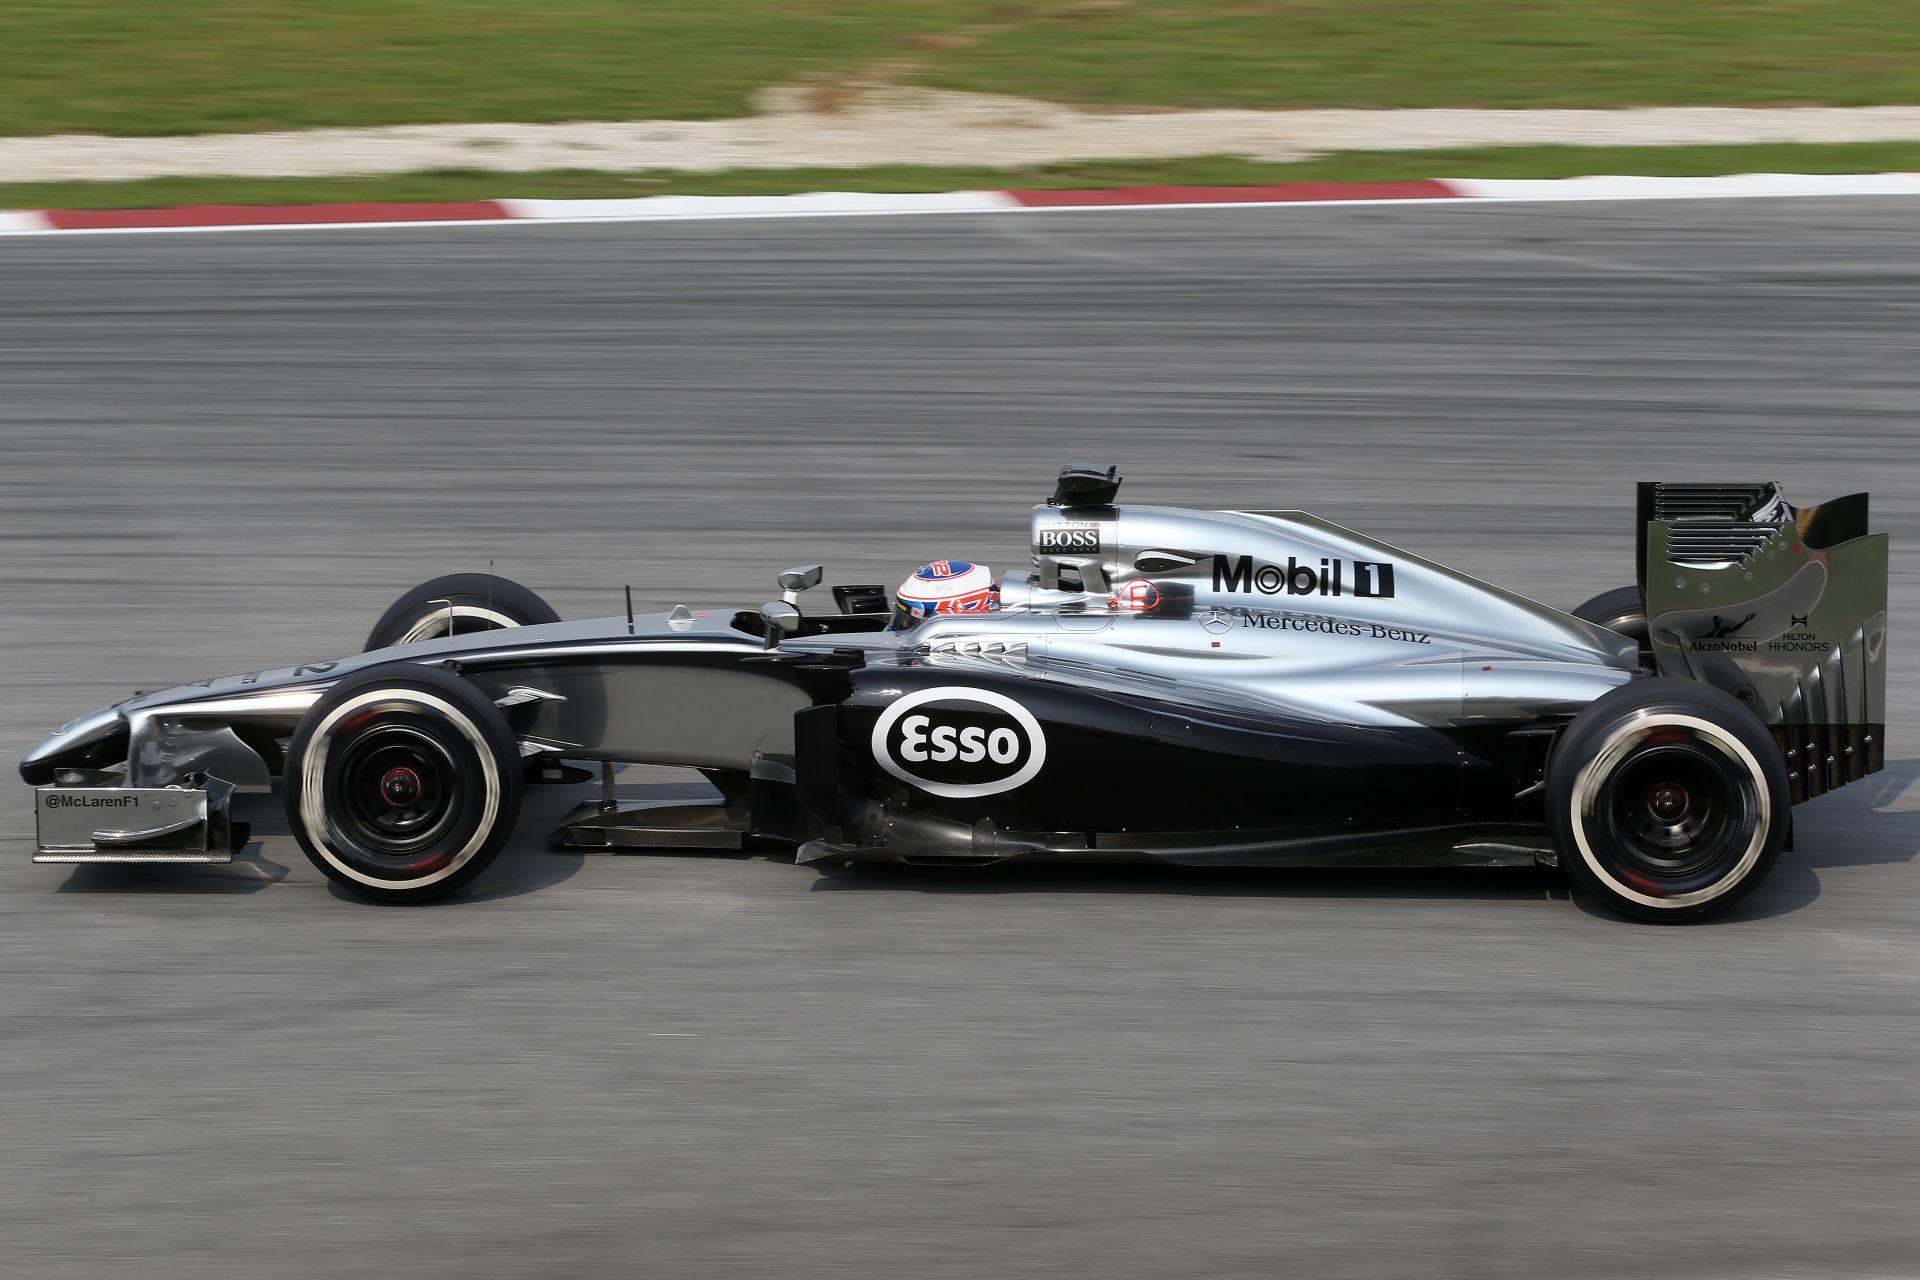 Óriási kamu, vagy hatalmas durranás lesz az idei McLaren-Honda a Forma-1-ben?